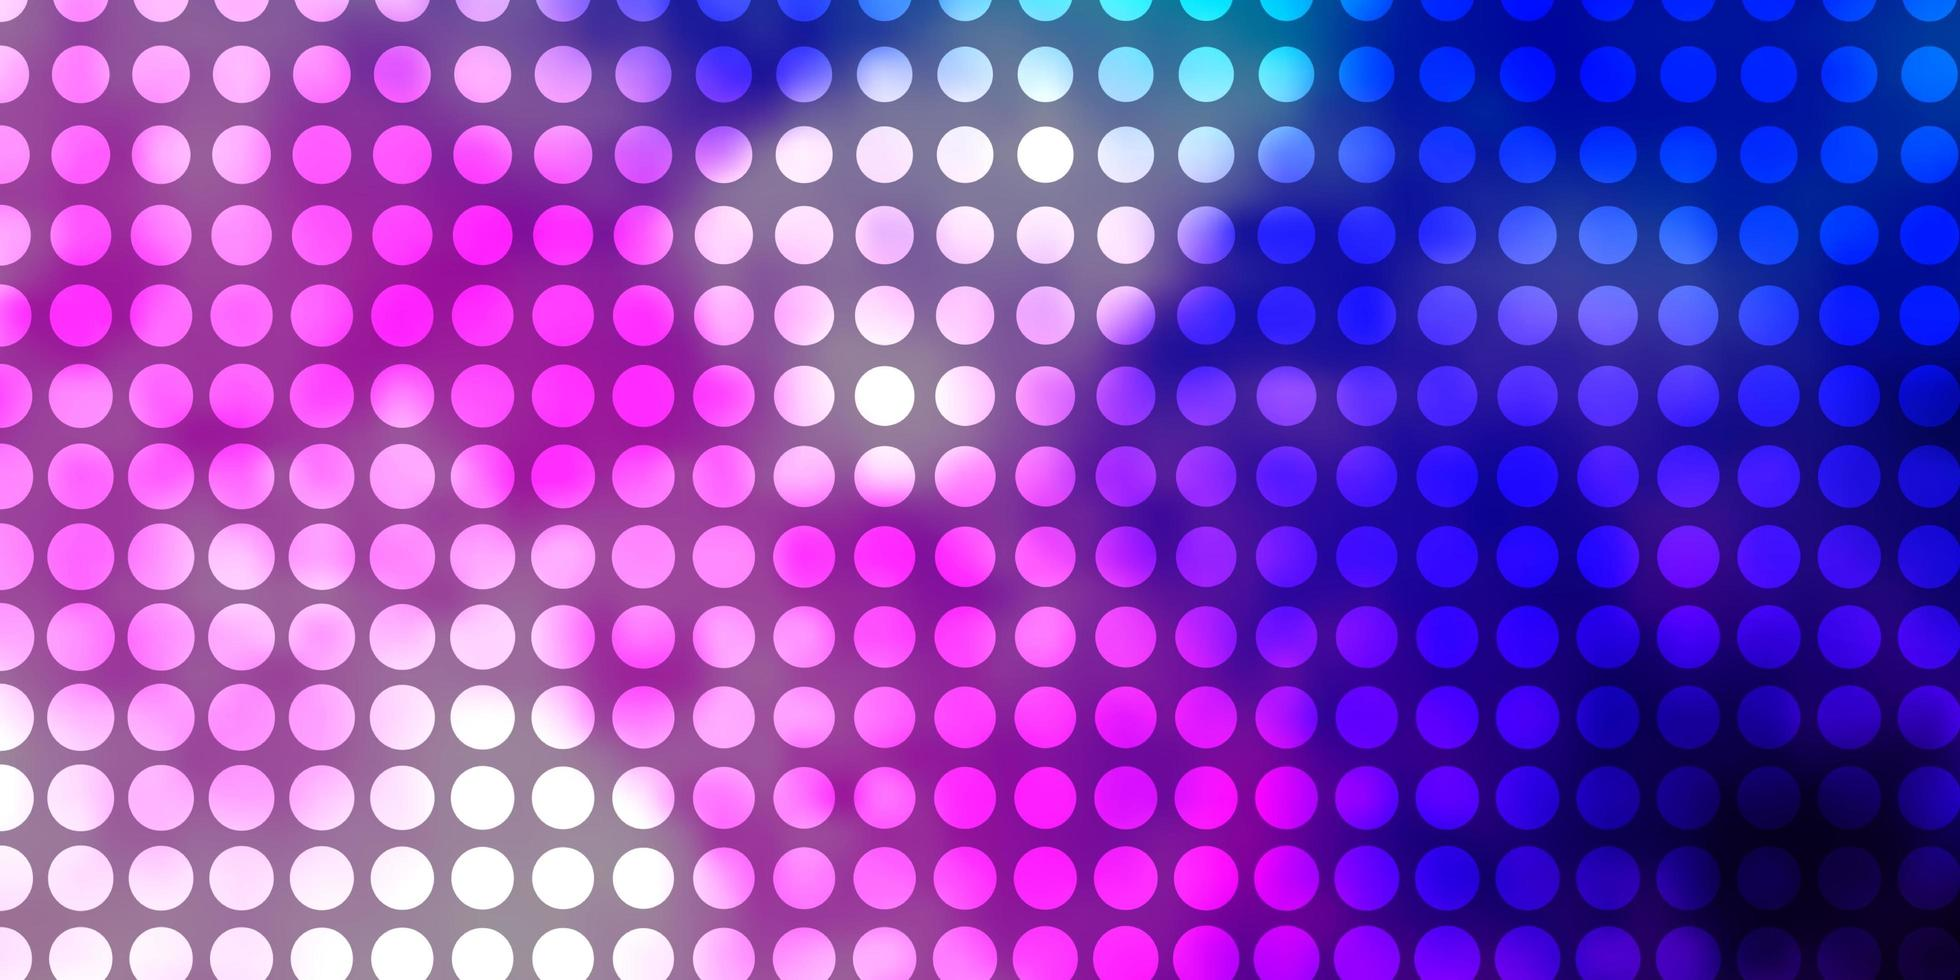 toile de fond de vecteur rose clair, bleu avec des cercles.